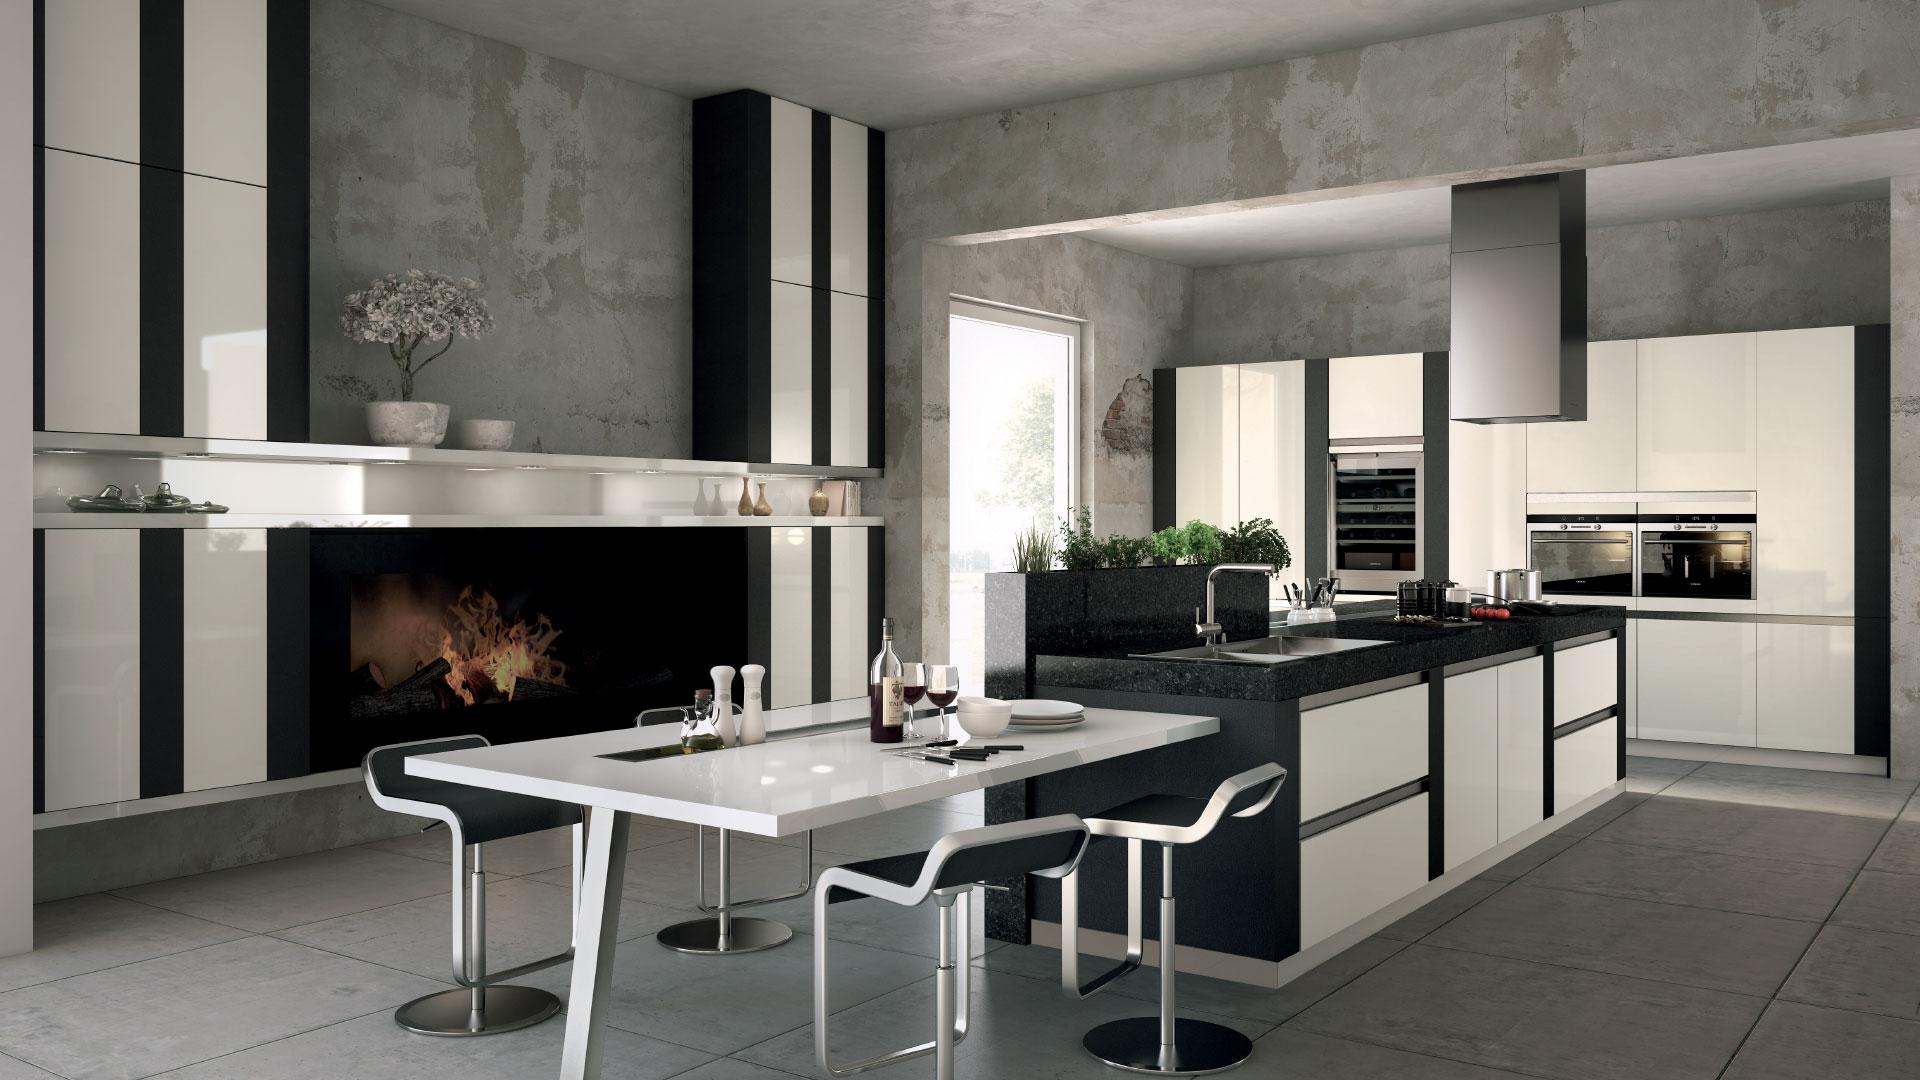 cuisine cr ation cuisiniste pau votre revendeur st rmer et impuls votre cuisine sur mesure. Black Bedroom Furniture Sets. Home Design Ideas